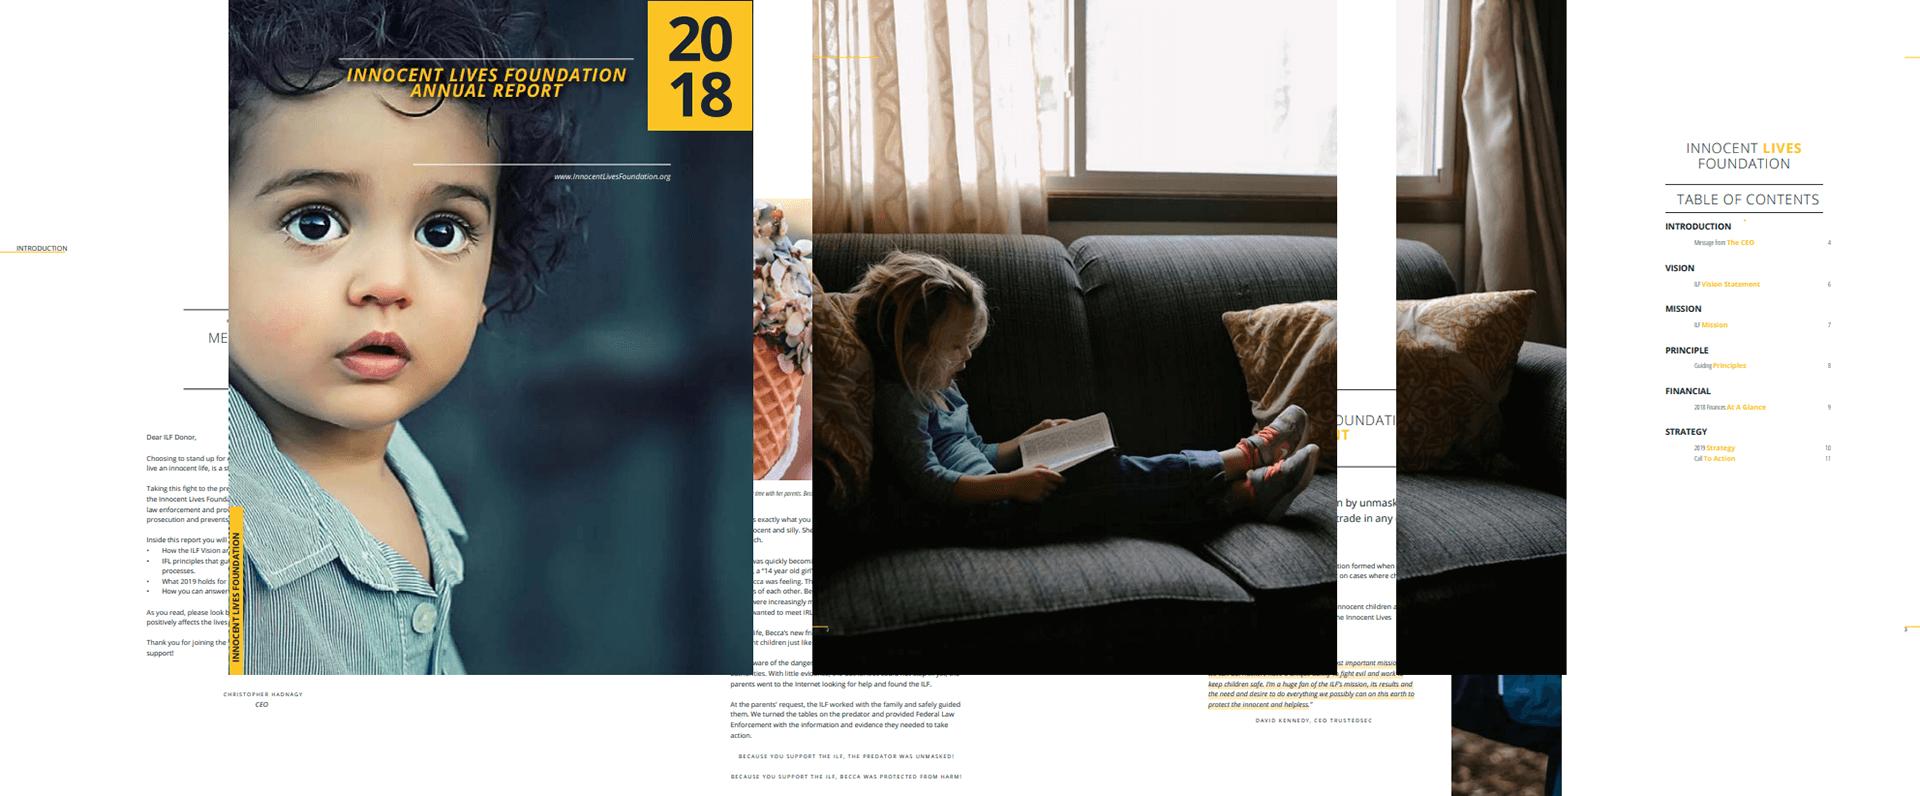 ILF's Inaugural Annual Report